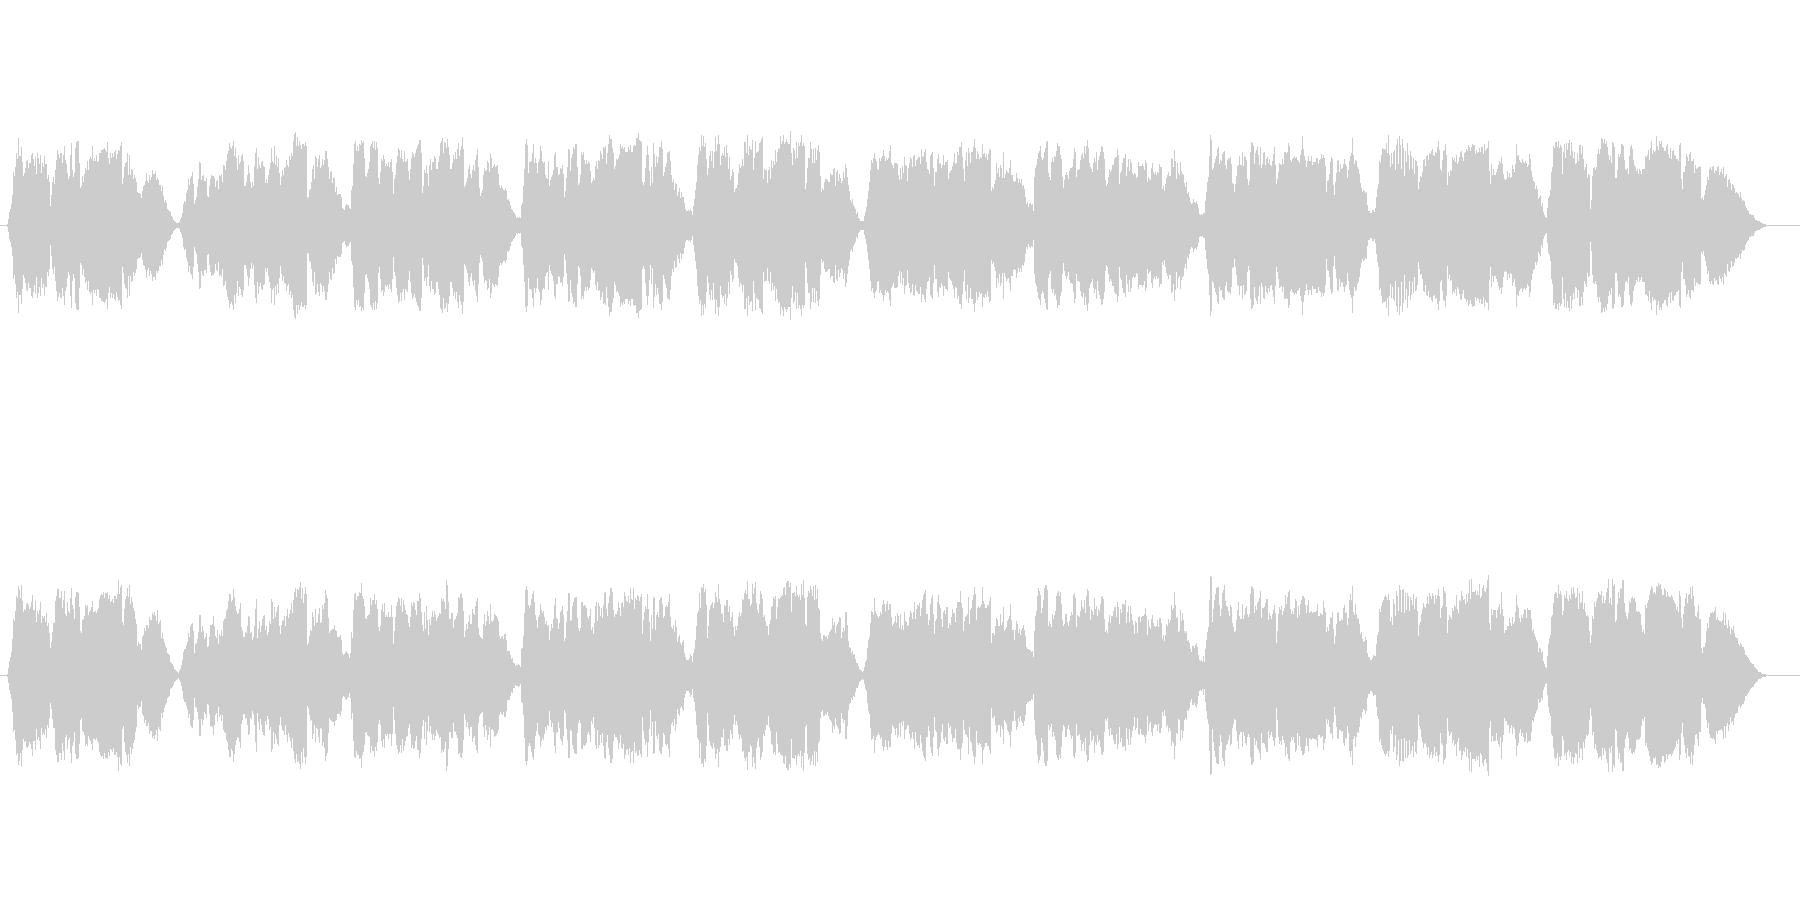 無伴奏ヴァイオリンによる童謡「ふるさと」の未再生の波形